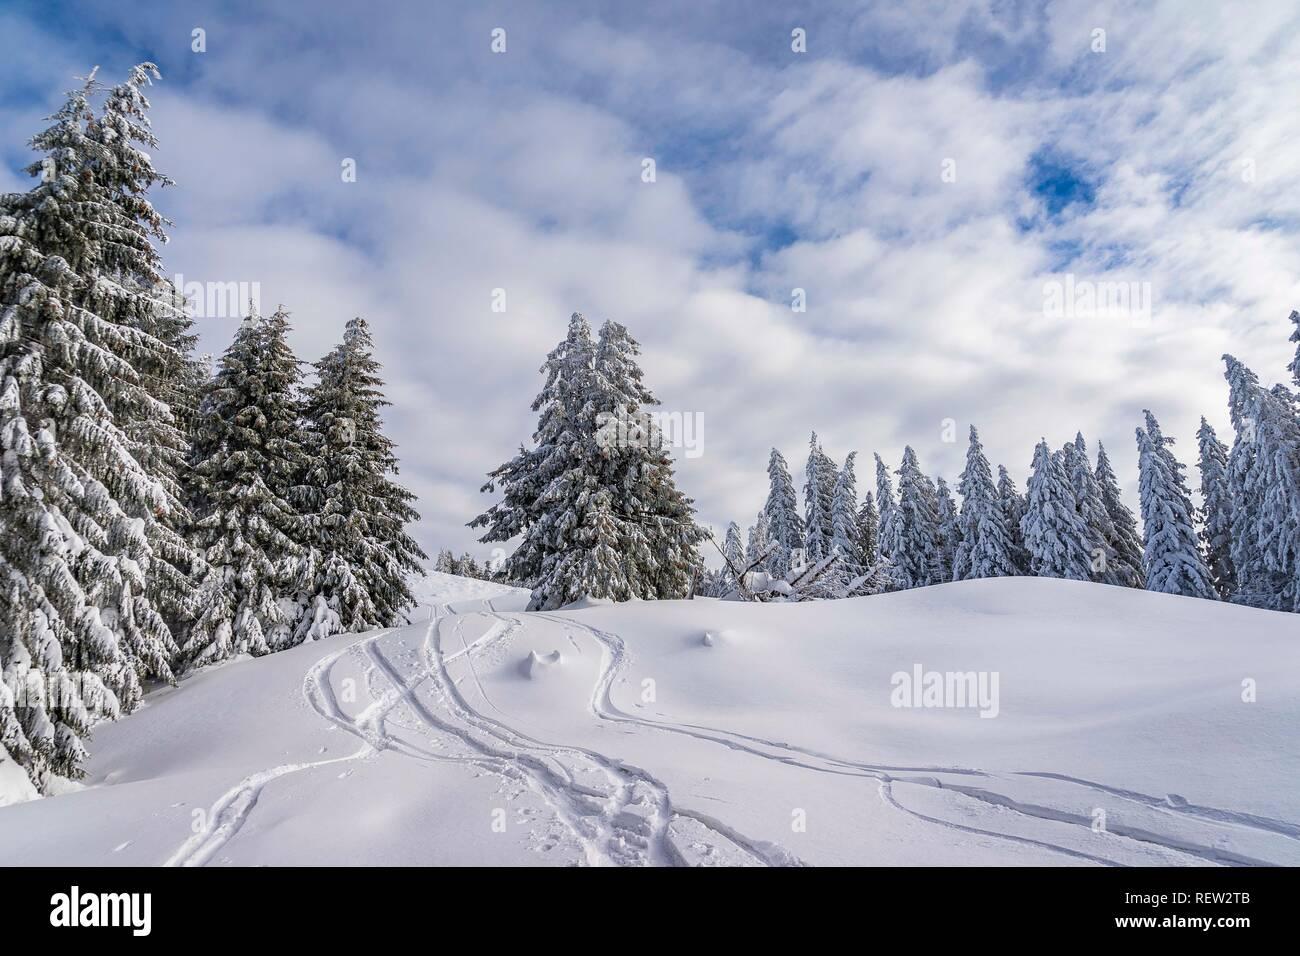 Fantástico paisaje invernal. colorido cielo iluminado por la luz solar. Foto de stock